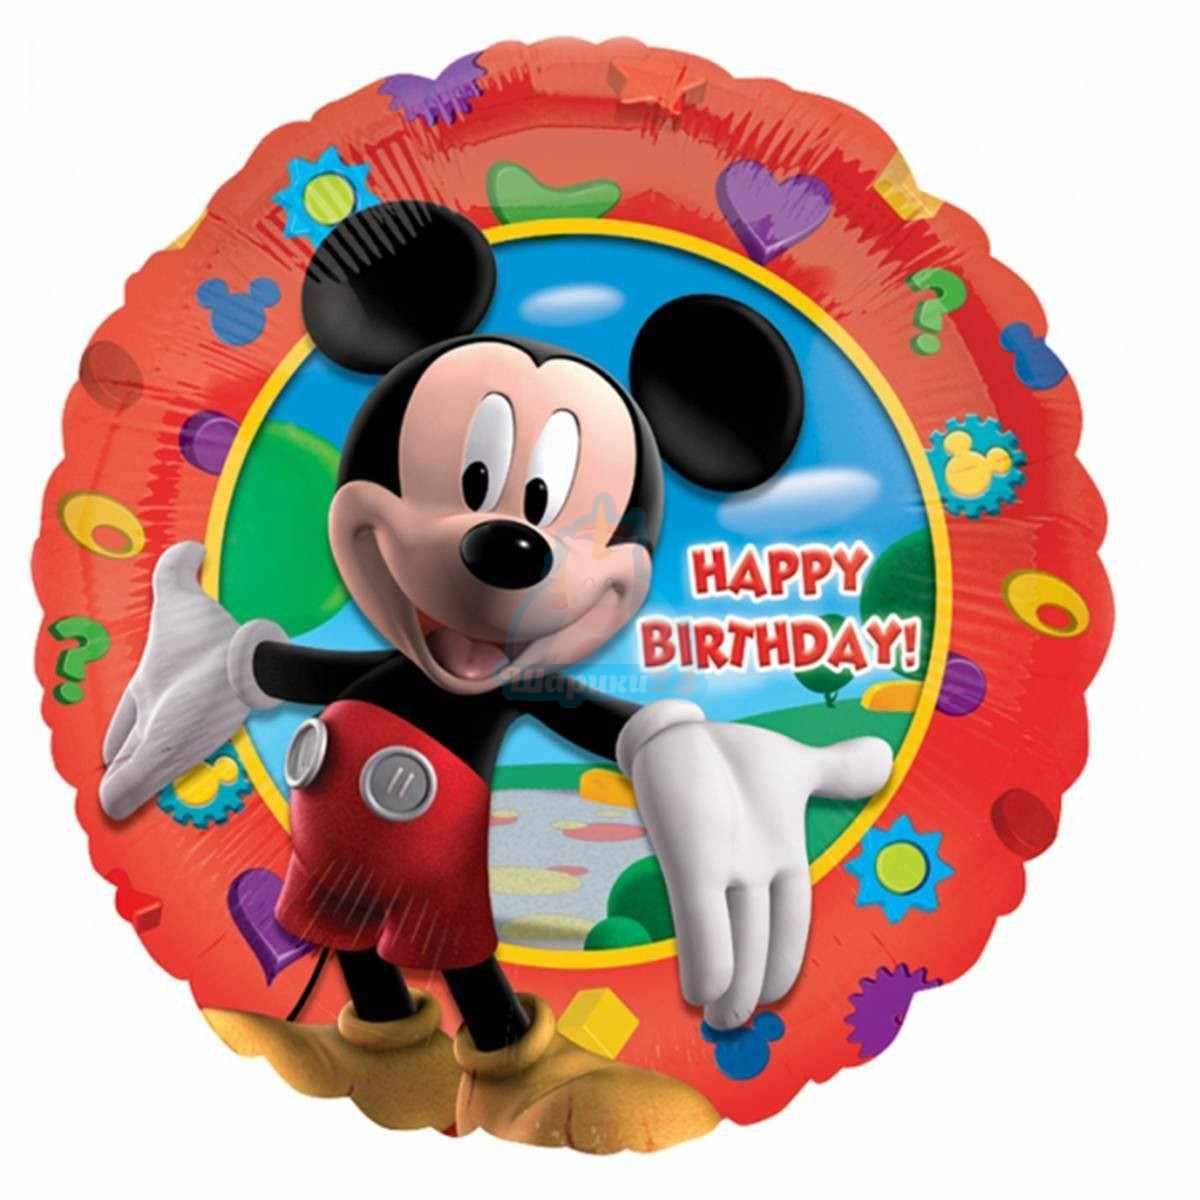 Фольгированный шар Микки Маус фото в интернет-магазине Шарики 24